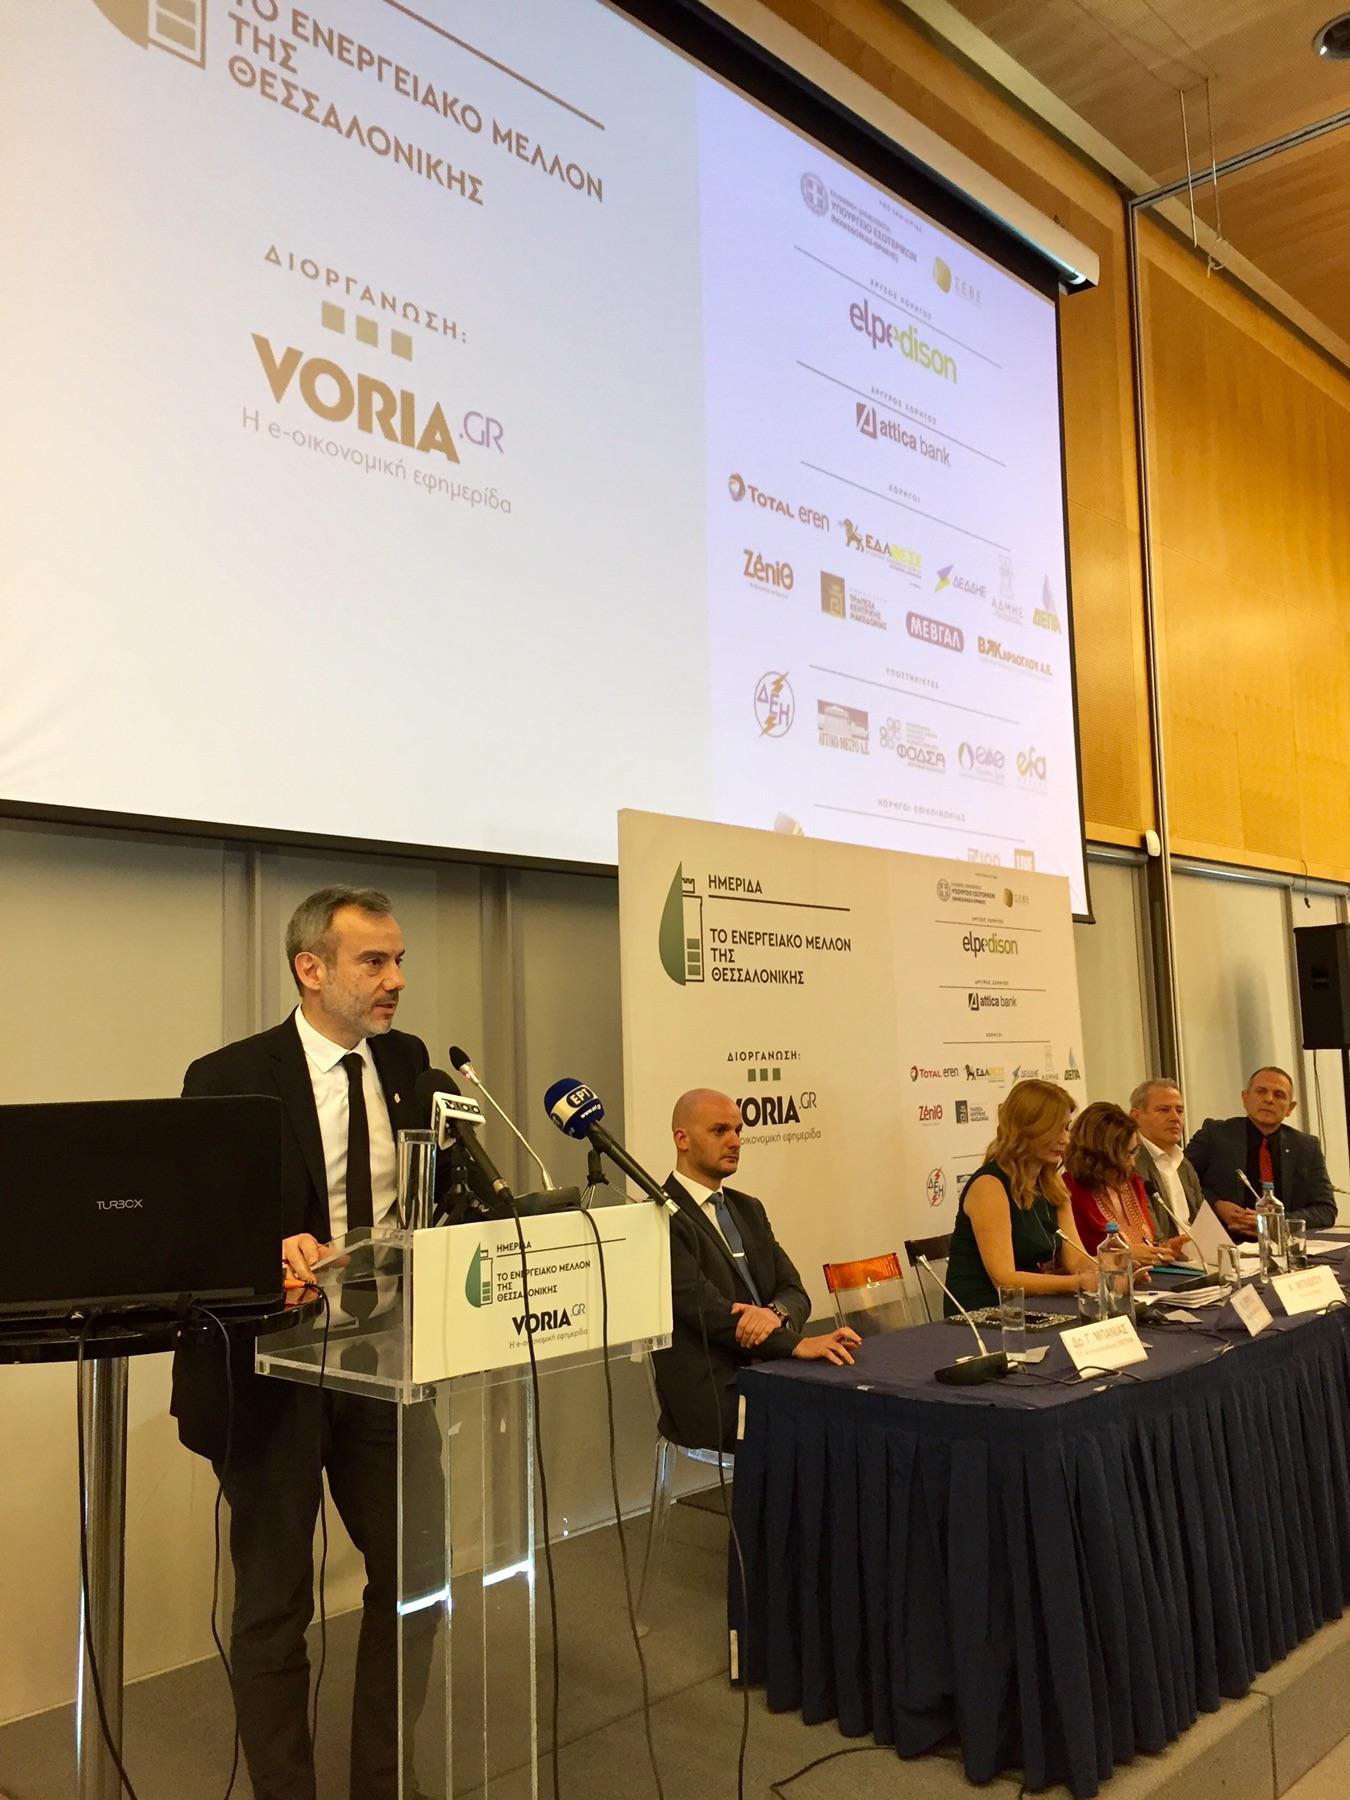 Ημερίδα VORIA – Ζέρβας: Να κάνουμε smart city τη Θεσσαλονίκη